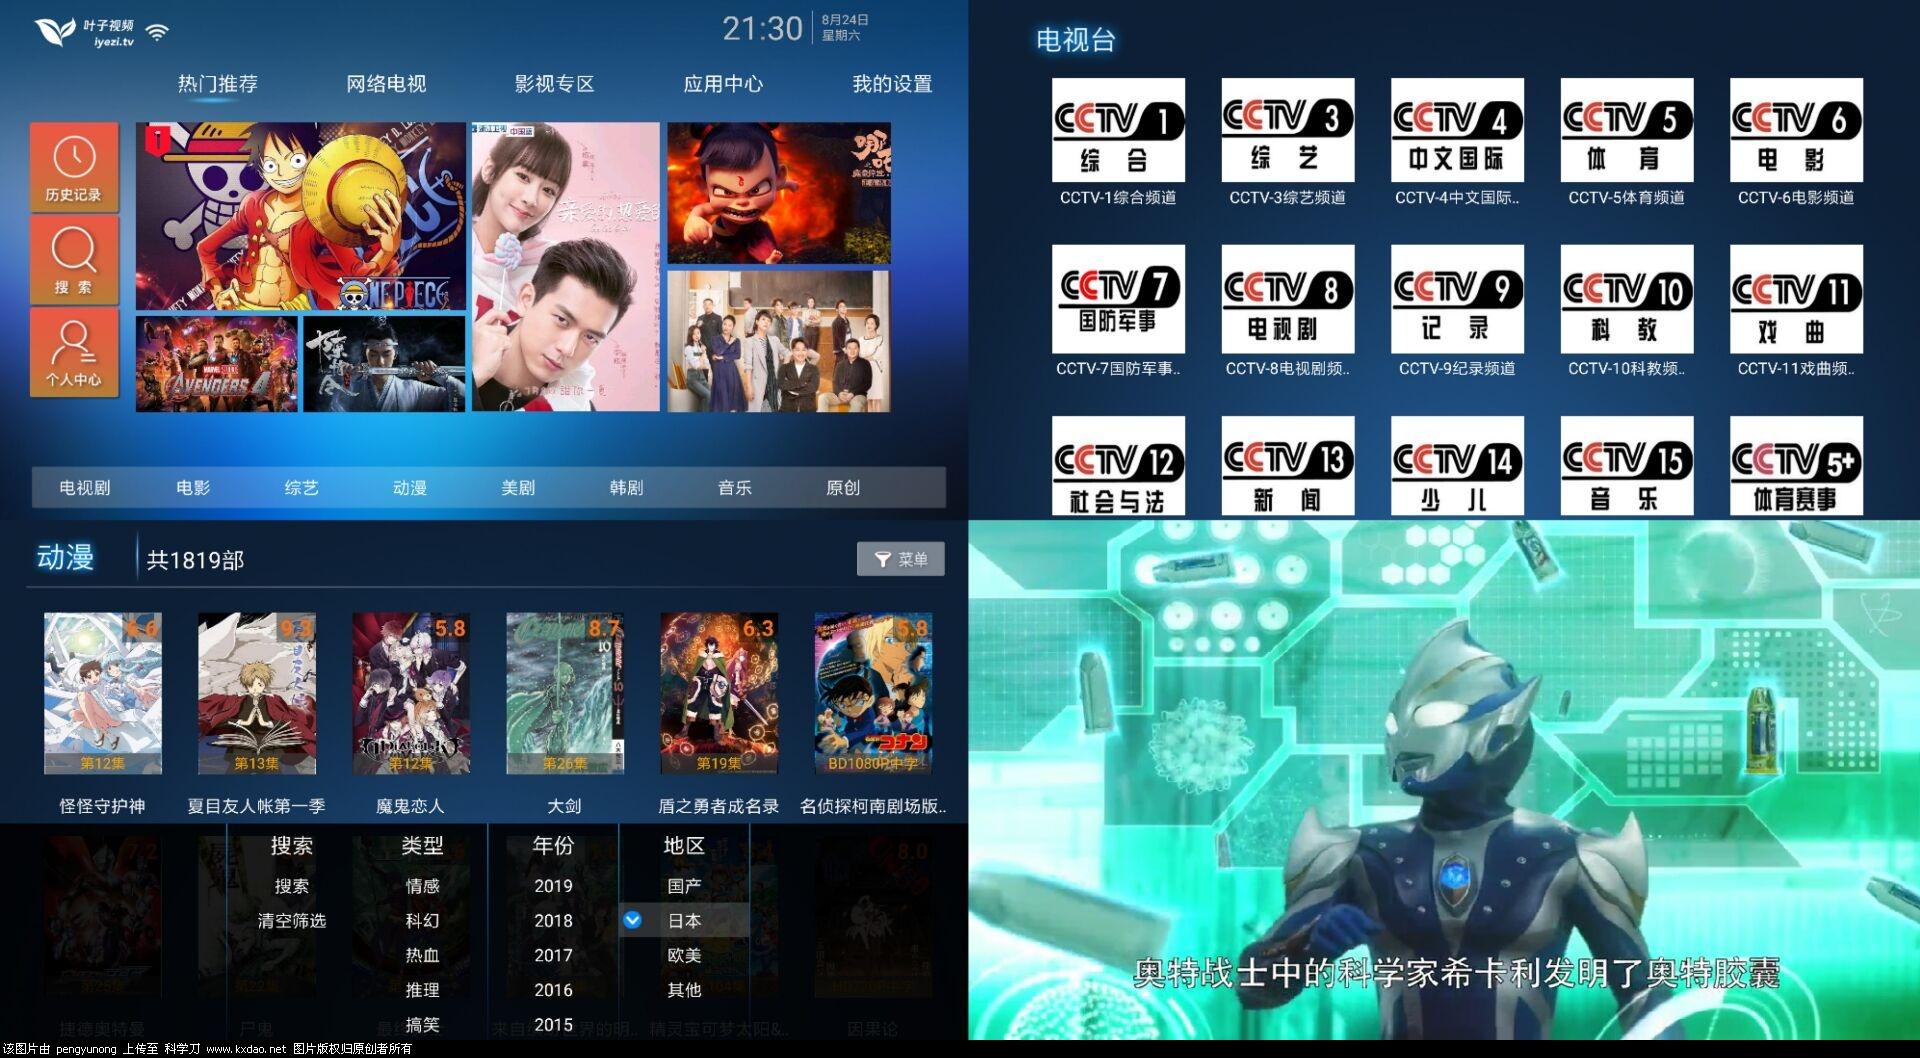 叶子TV 同步全网最新影视全部免费观看